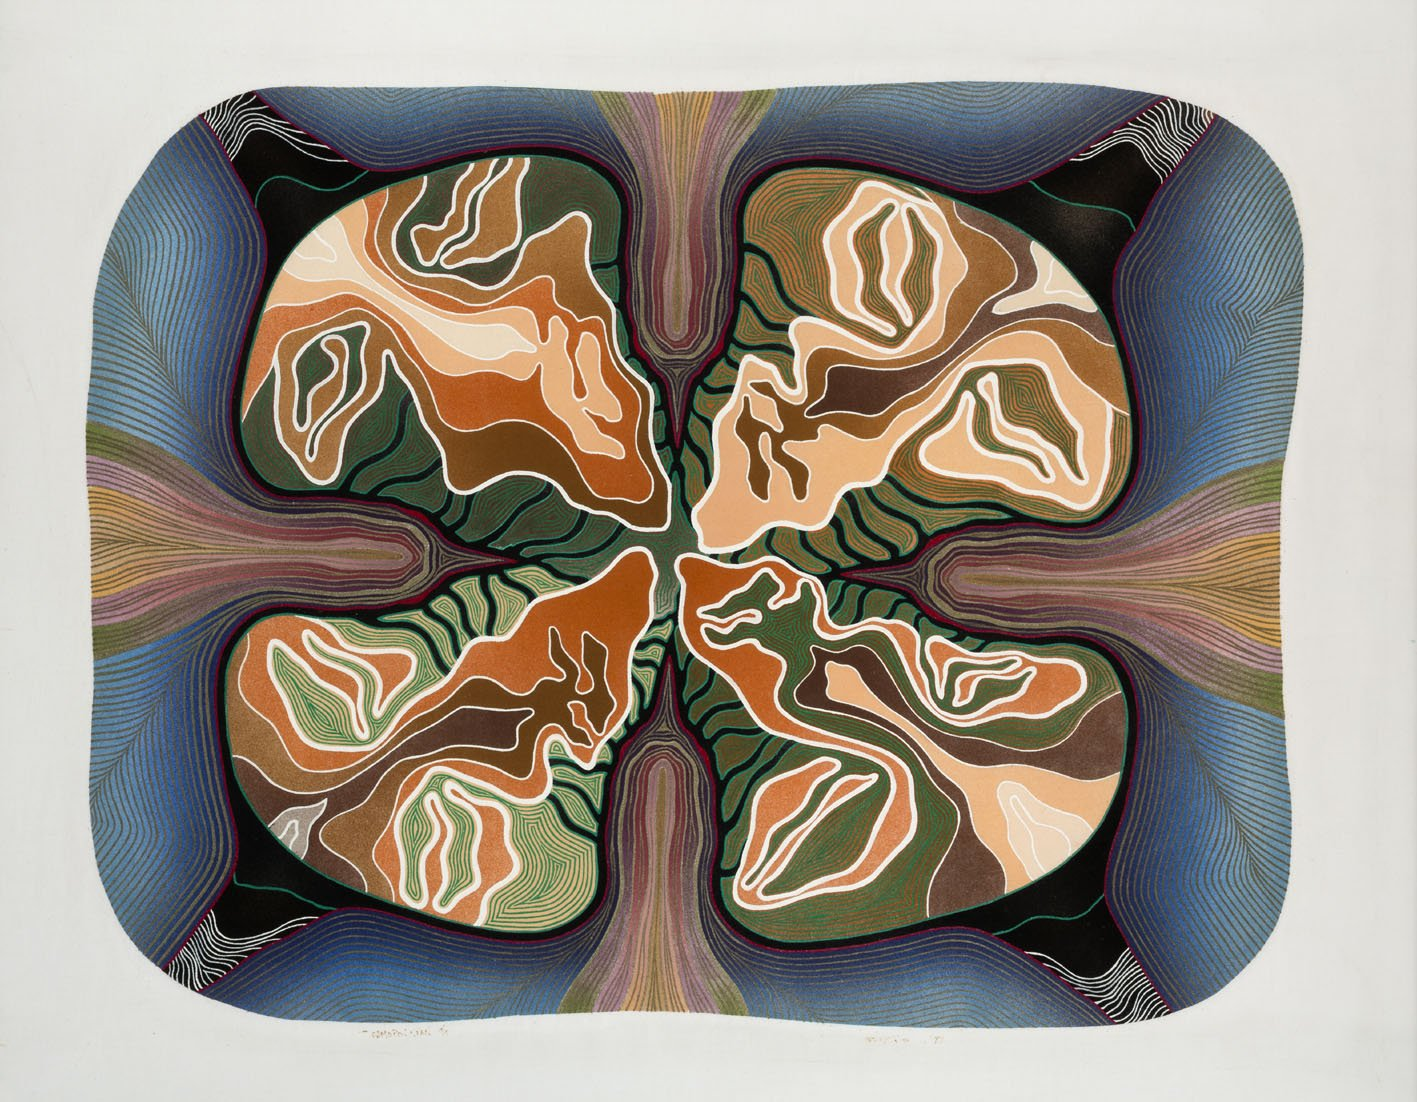 Art in Depth - Symbole beeinflussen unser Denken und Fühlen in Hamburg, Ausstellung, 23.11.2017, IMBA Galerie - Copyright Charles Dixon